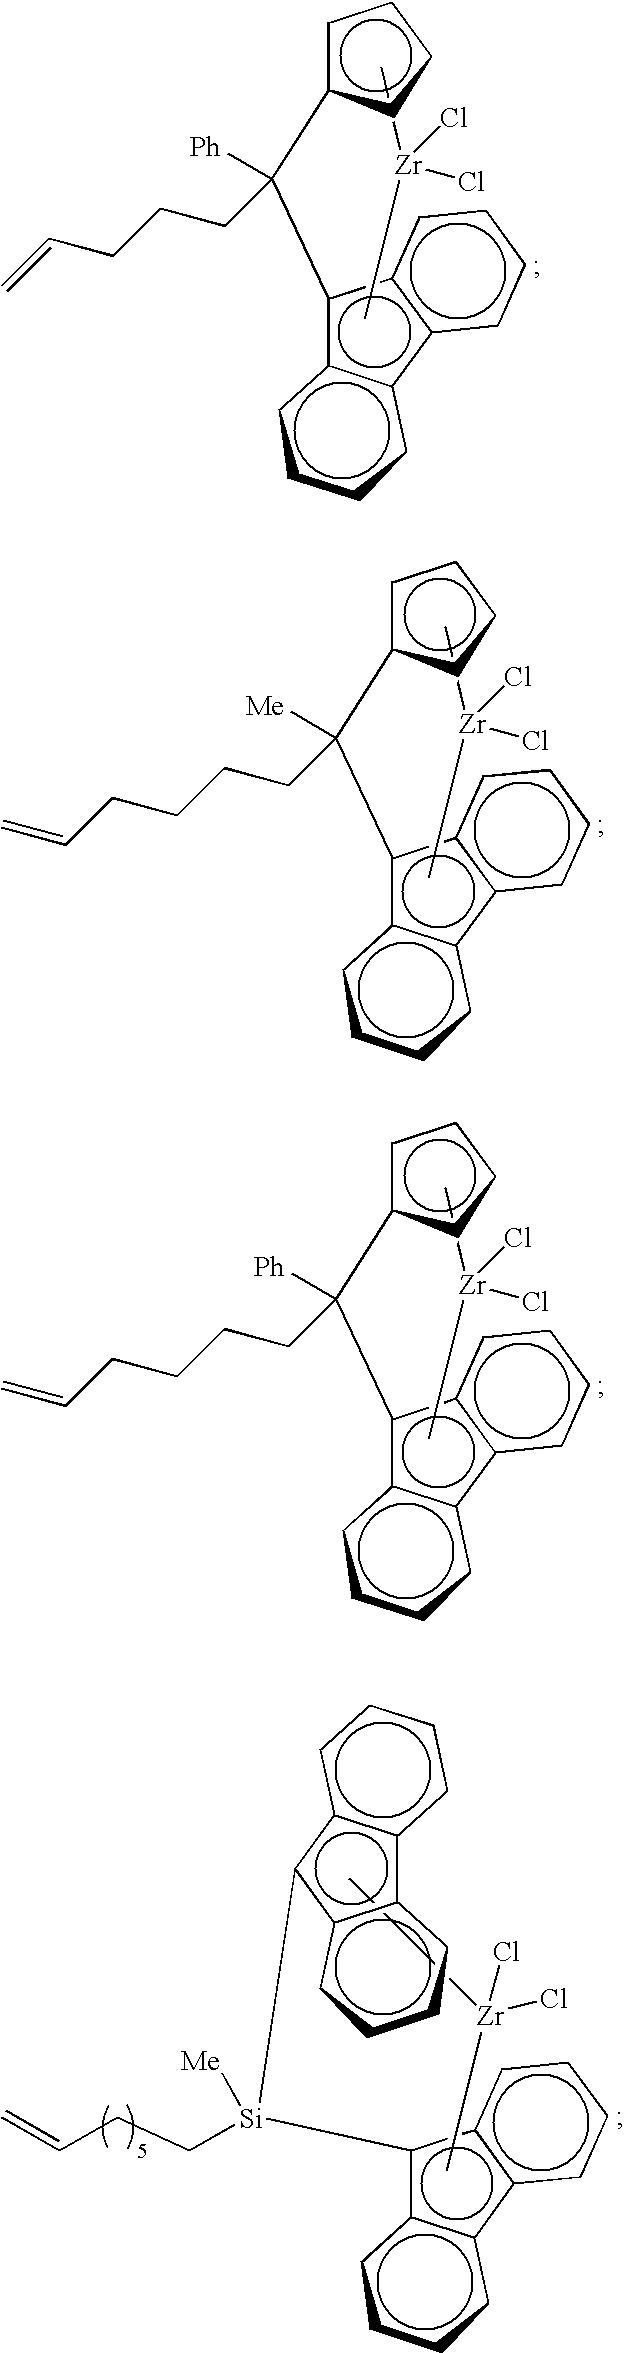 Figure US20100227989A1-20100909-C00009